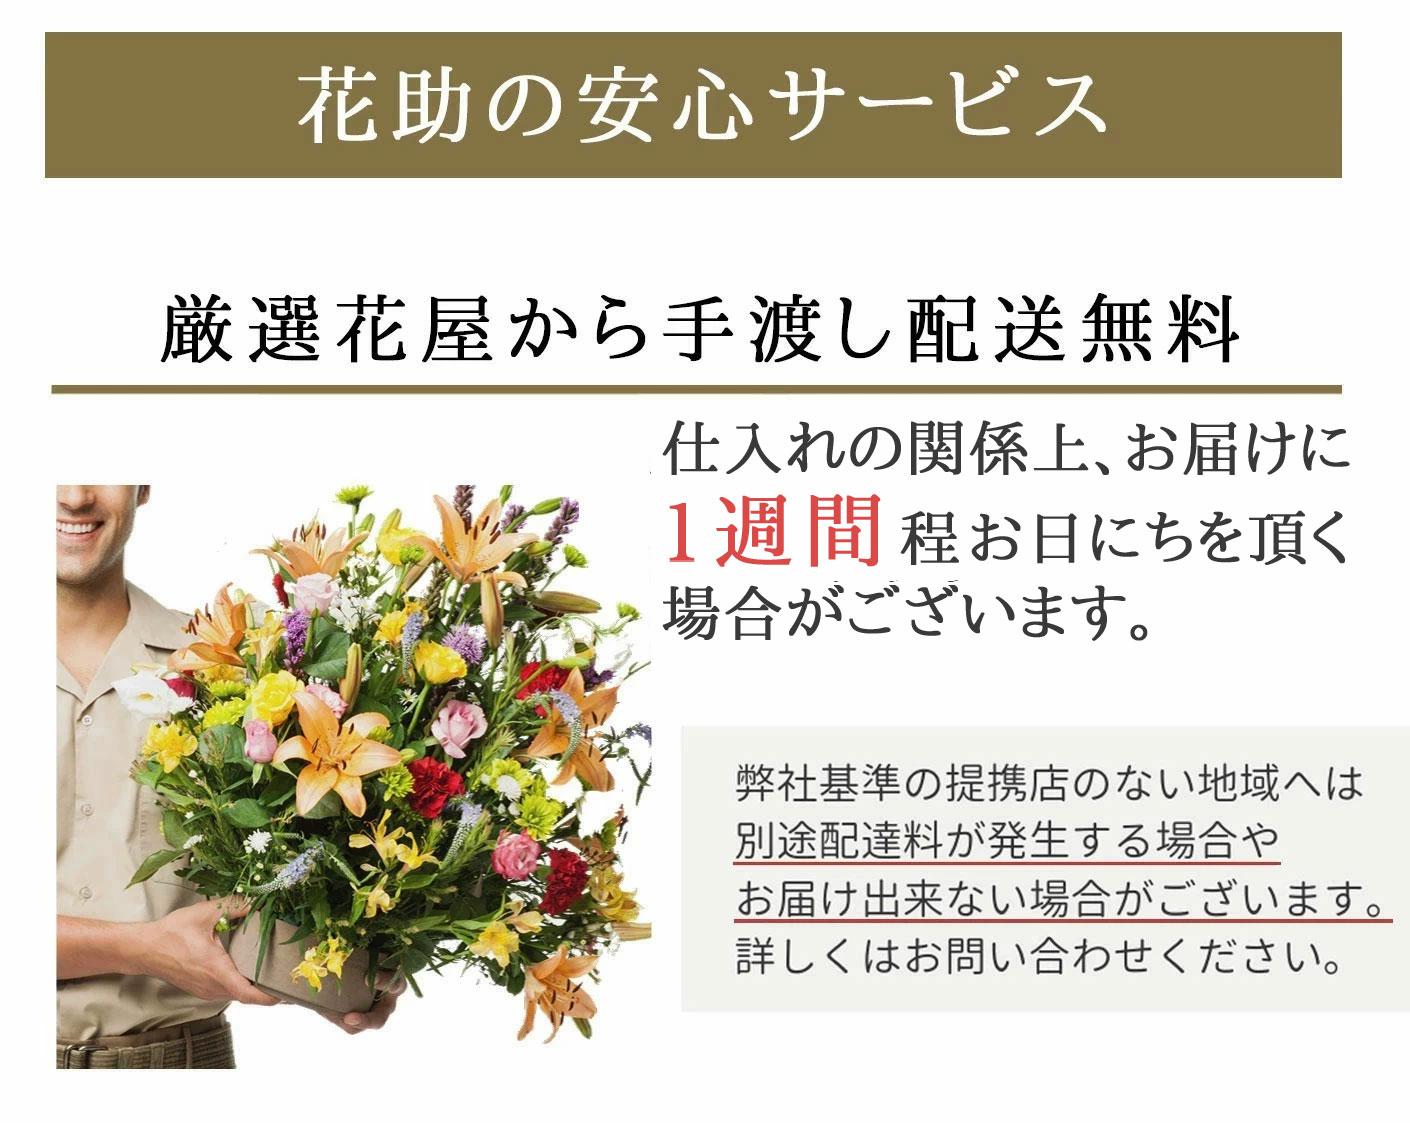 クリスマスアレンジメント花を東京名古屋大阪はじめ全国へ手渡し届け